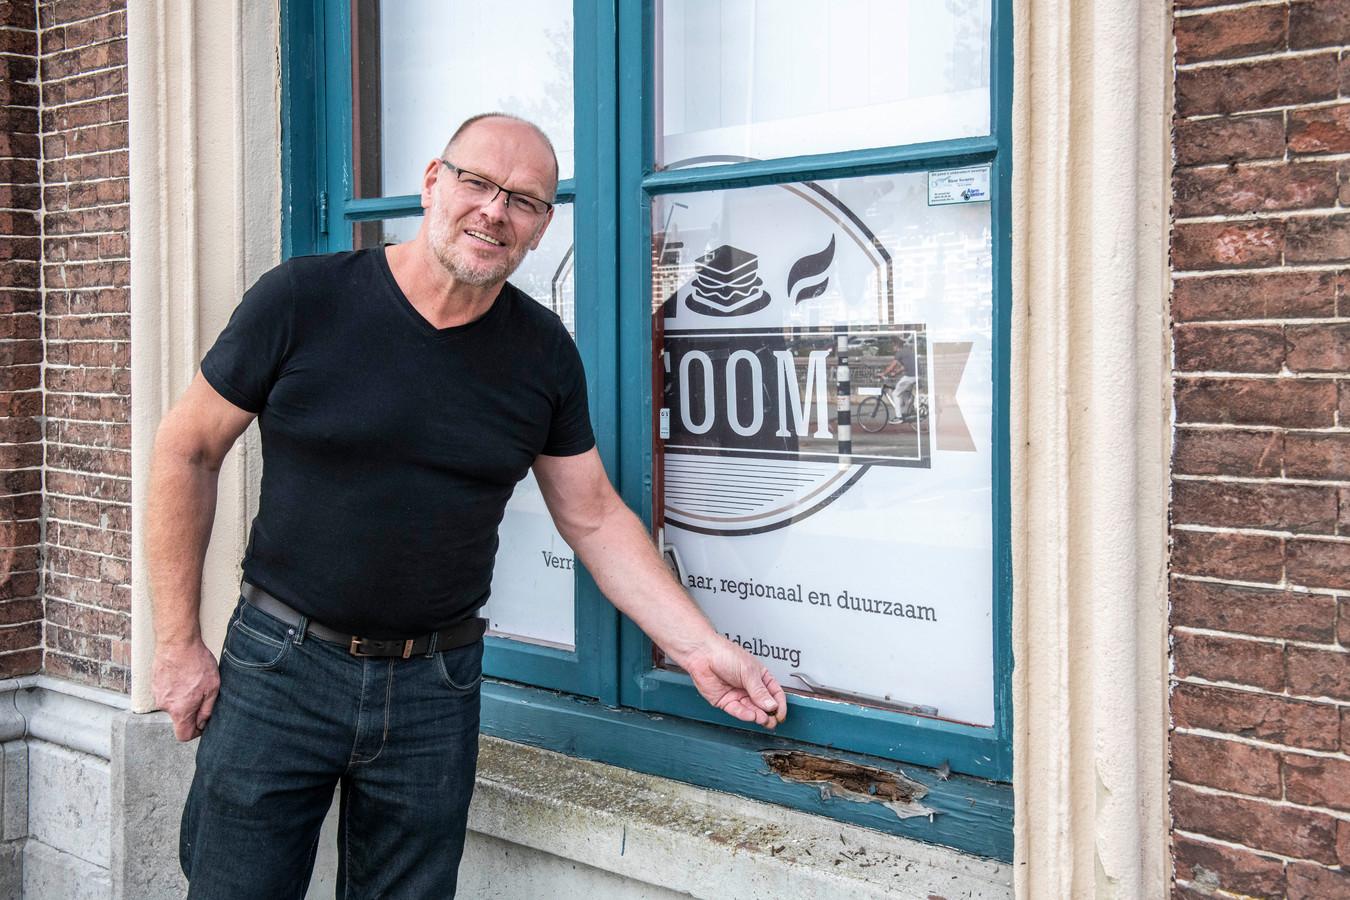 Kozijnen verpulveren, vloeren worden gestut: Ivo van de Walle sluit per 1 november zijn vegan-restaurant Stoom in het Middelburgse stationsgebouw.